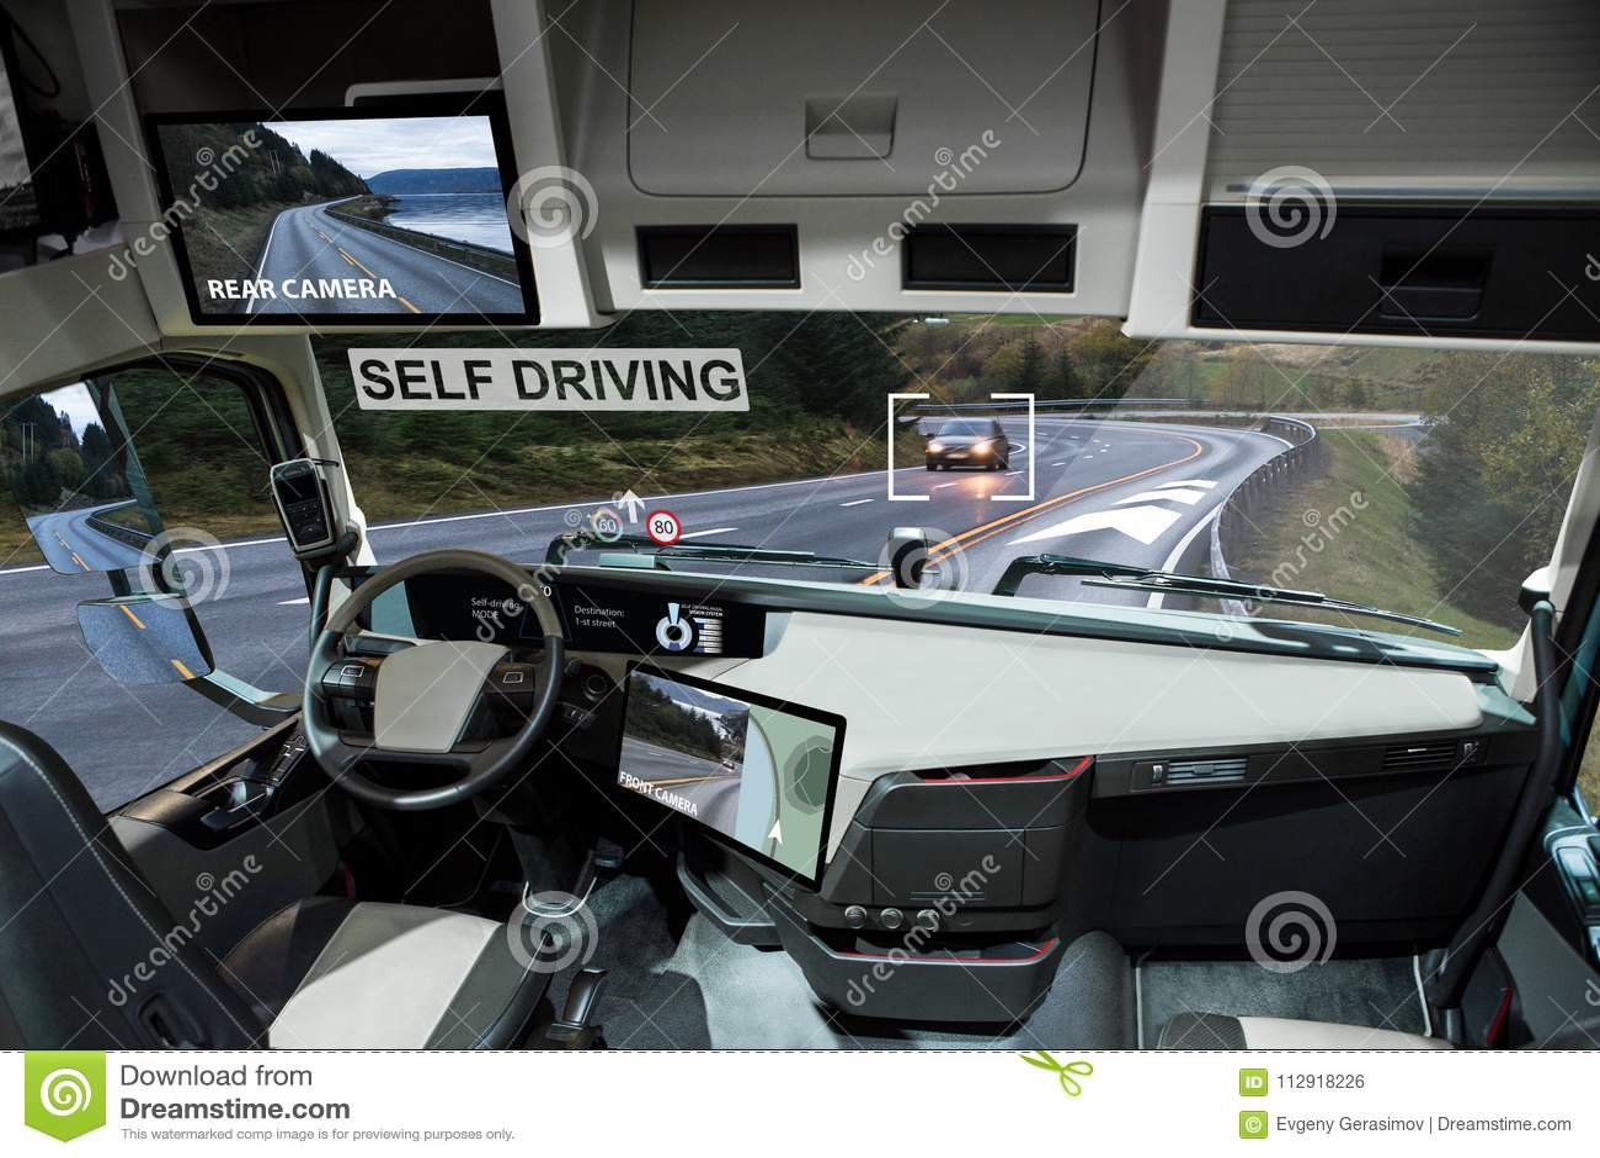 Zelf drijf elektrische vrachtwagen op een weg